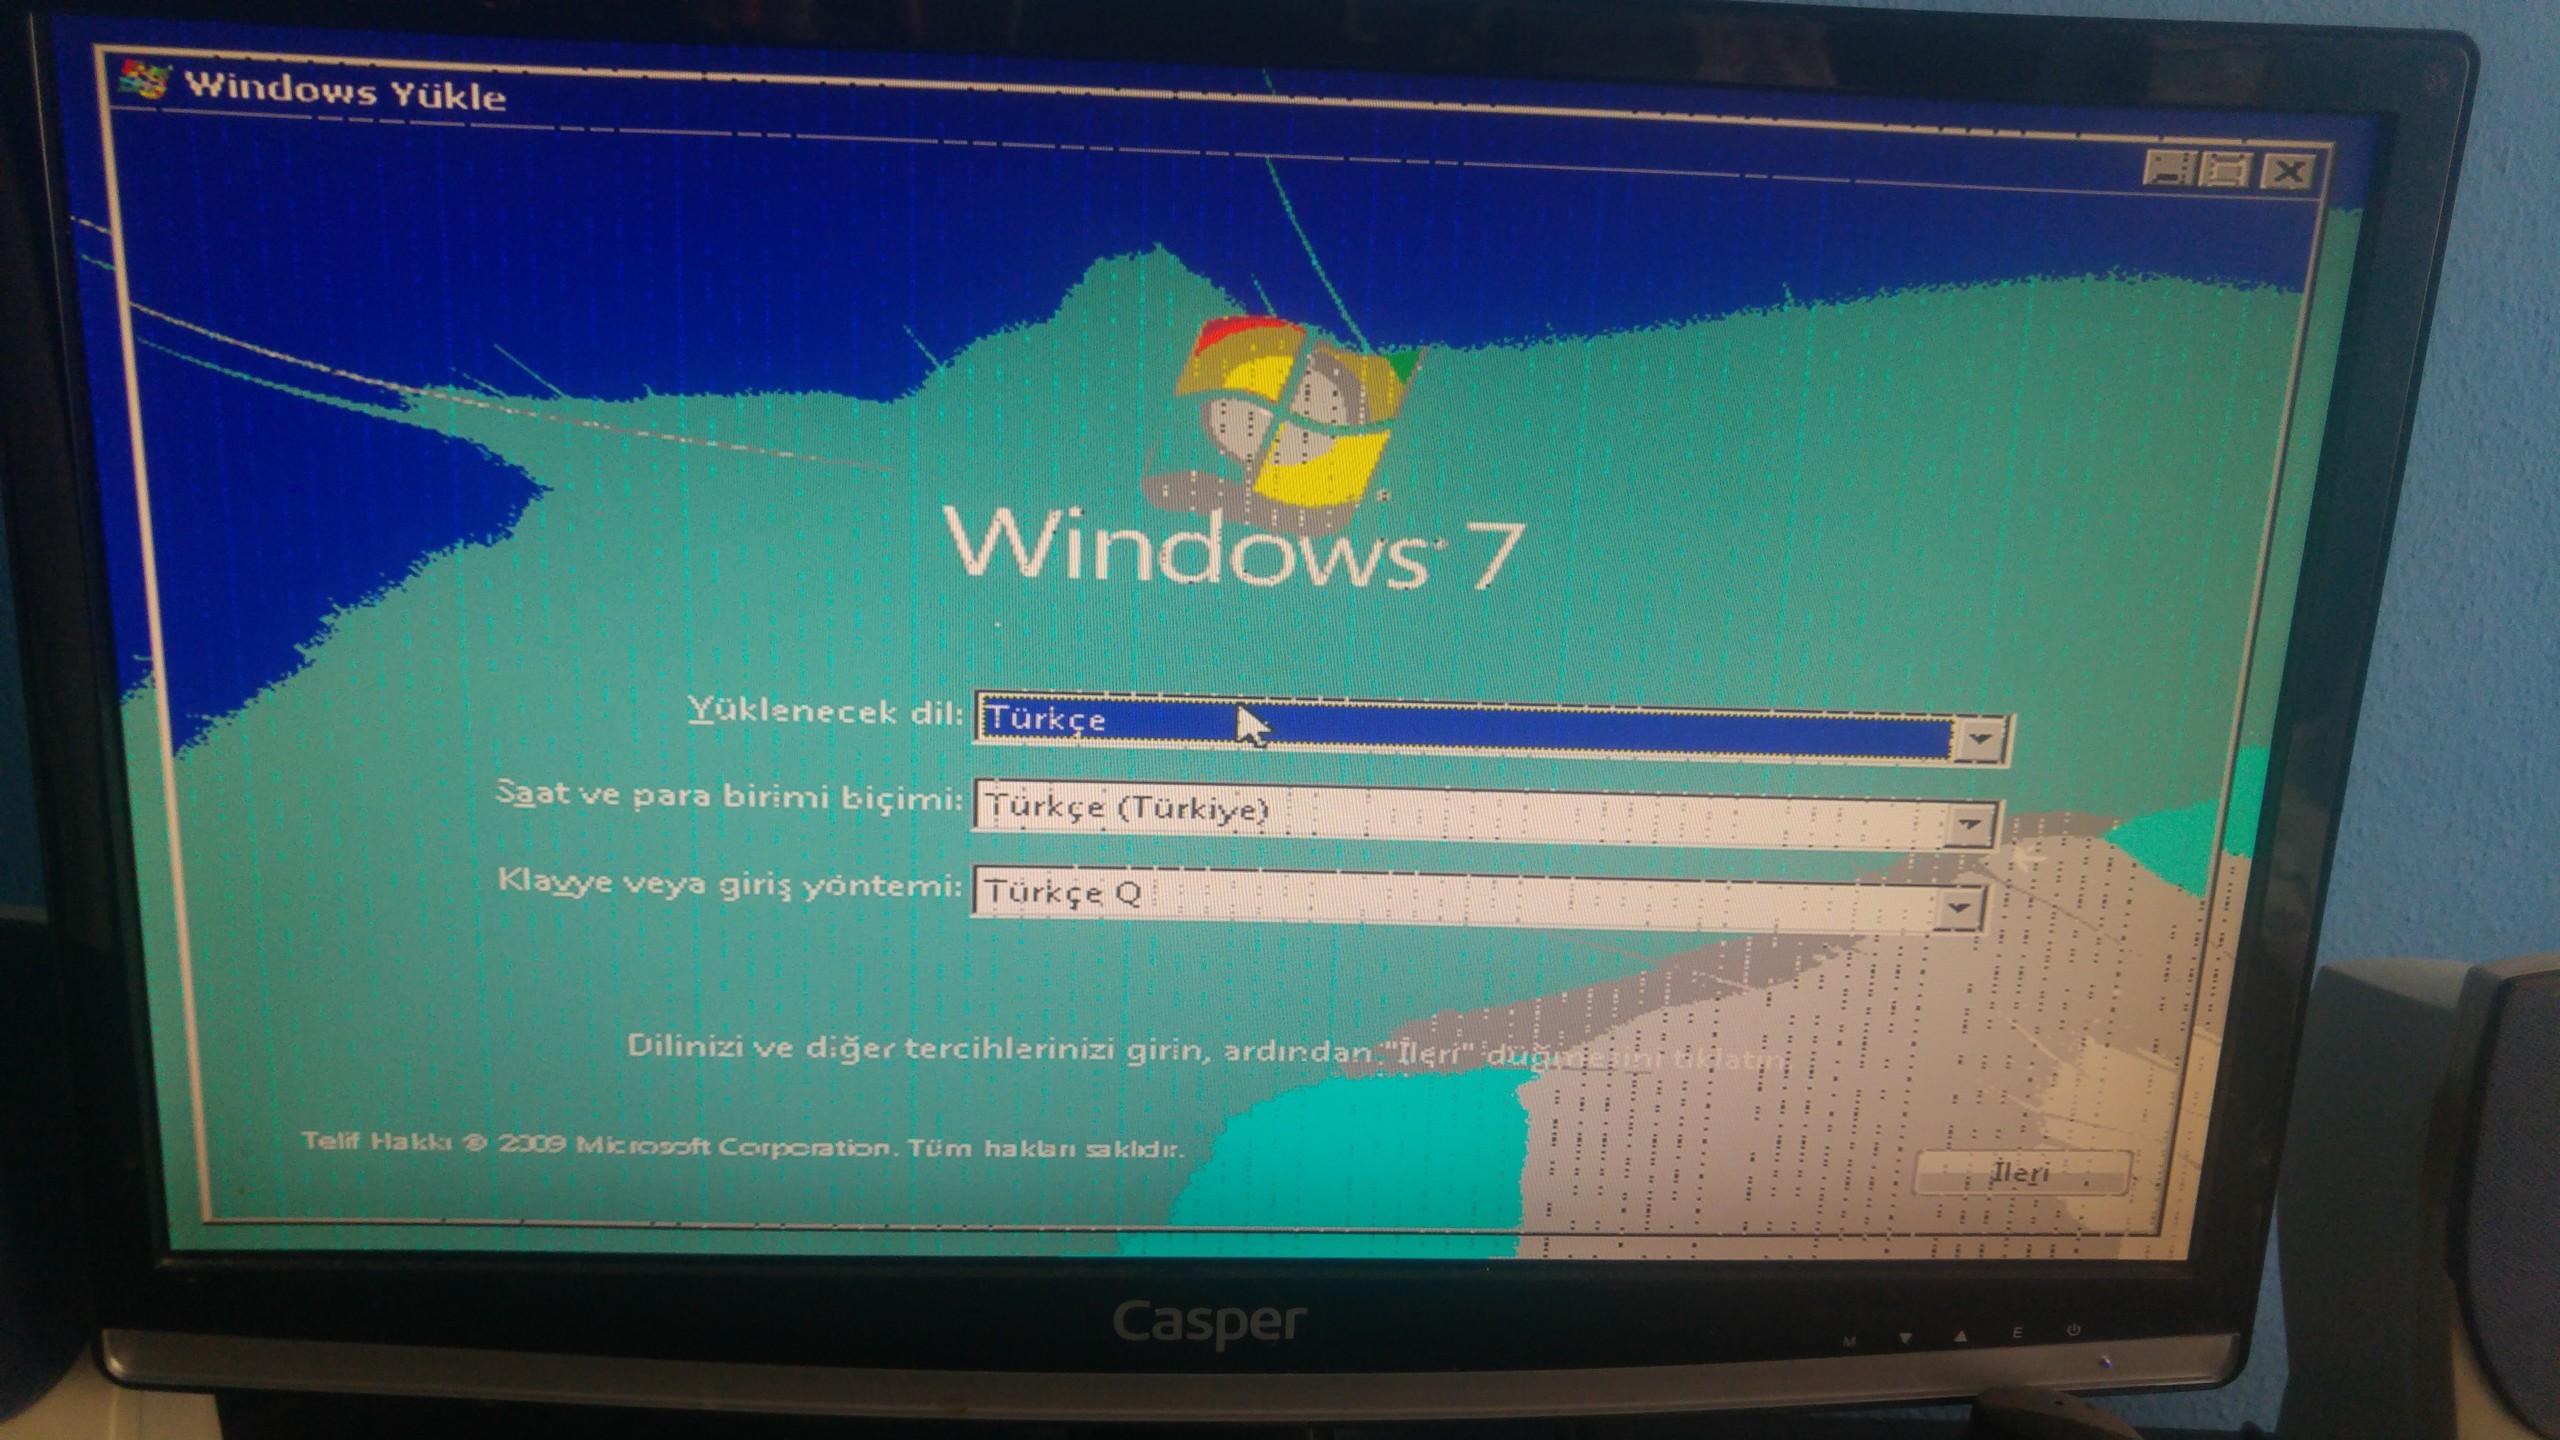 Bilgisayarimi bugun acmak istedigimde boyle renk kaymalariyla karsi karsita kaldim